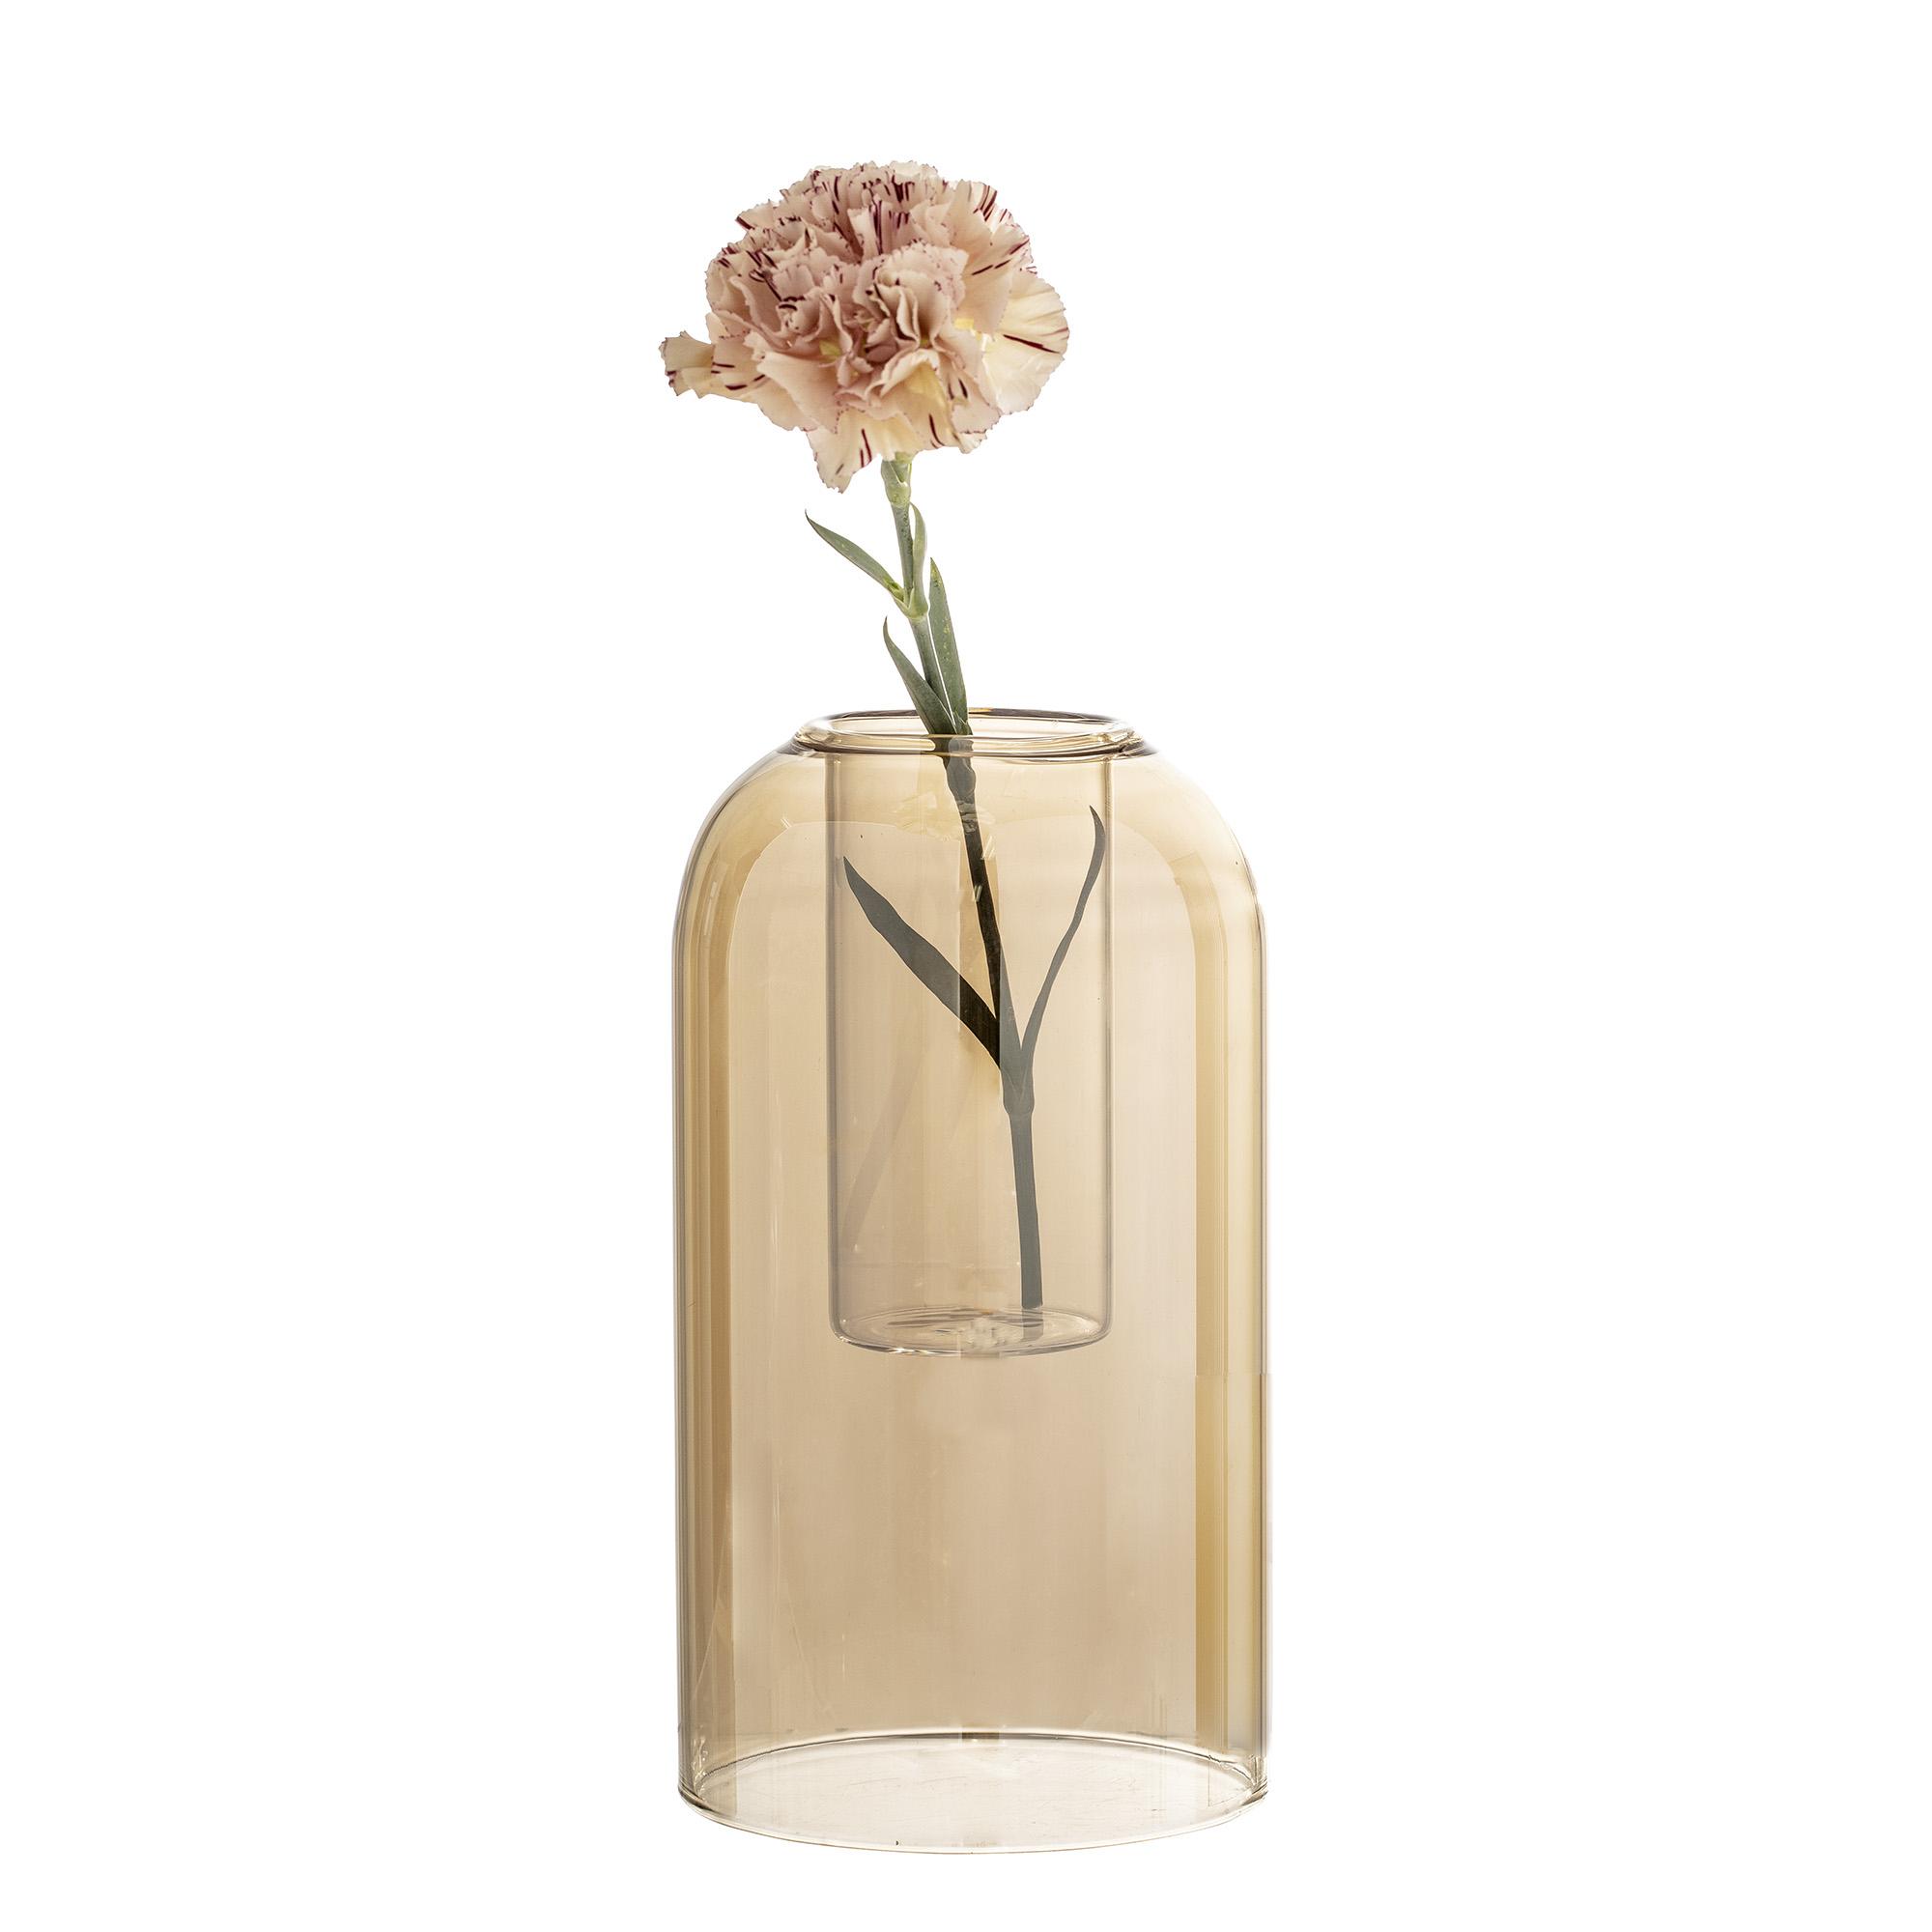 Bloomingville Vase Dom Glas Gold Braun Rund 23 Cm Hoch Blumenvase